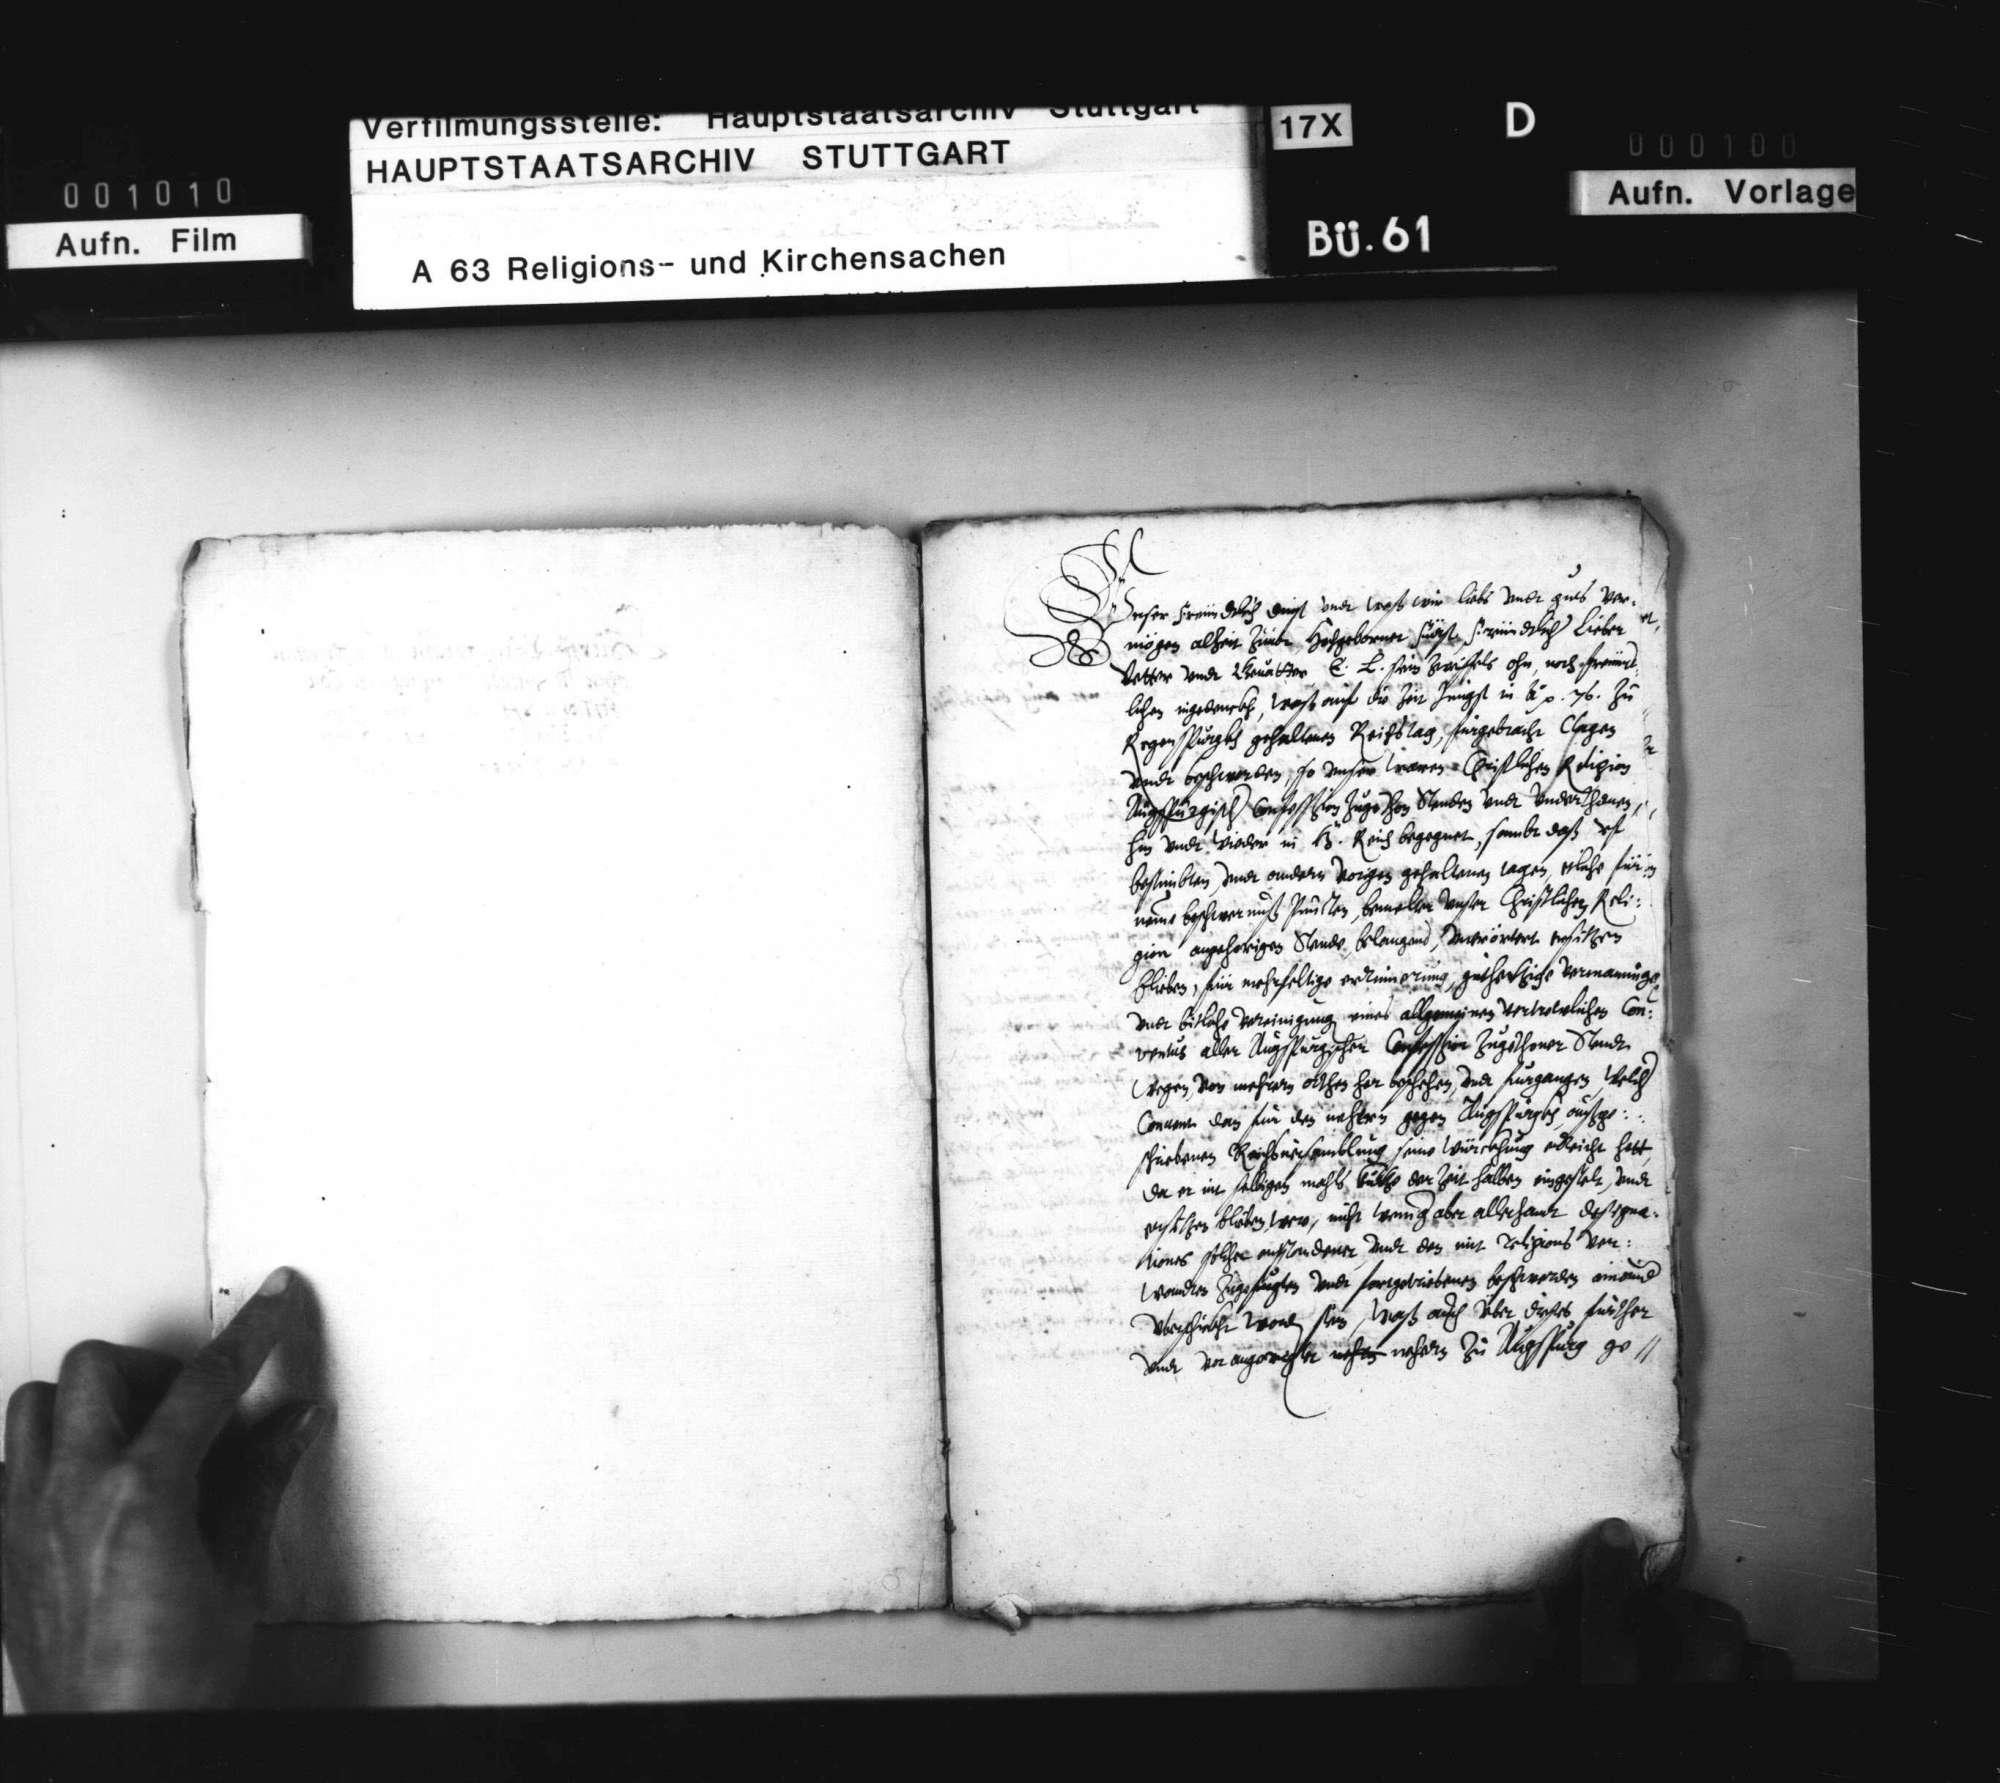 Pfalzgraf Ludwigs Einladung an die Stände Augsburger Konfession zu einem Konvent nach Mühlhausen. Abschrift, Bild 2